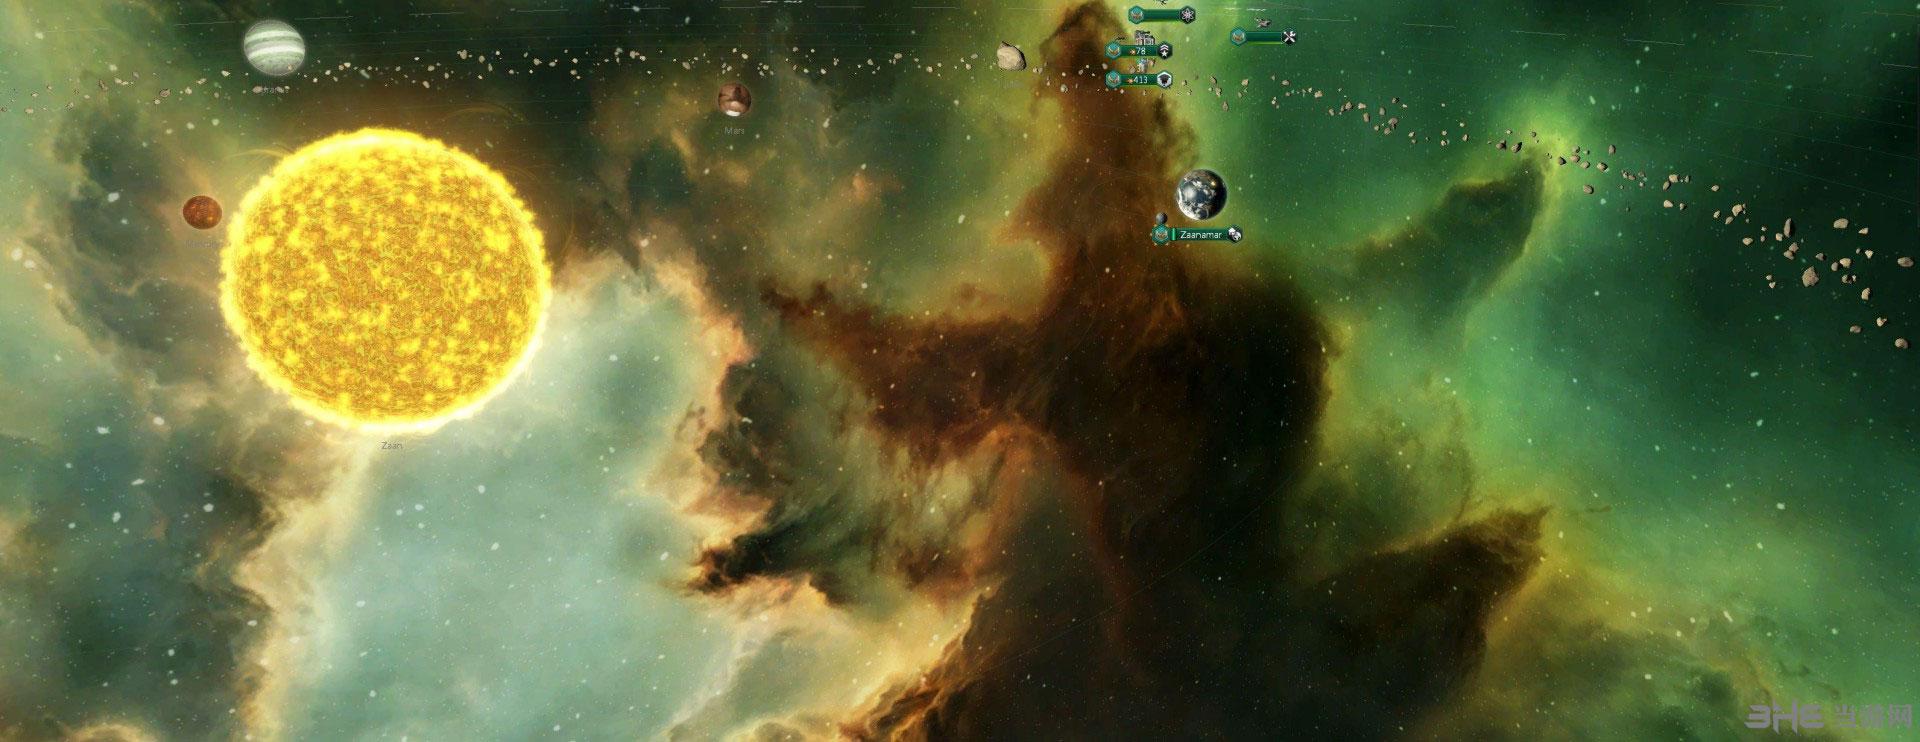 群星工作坊五星好评的美丽宇宙背景图MOD截图0